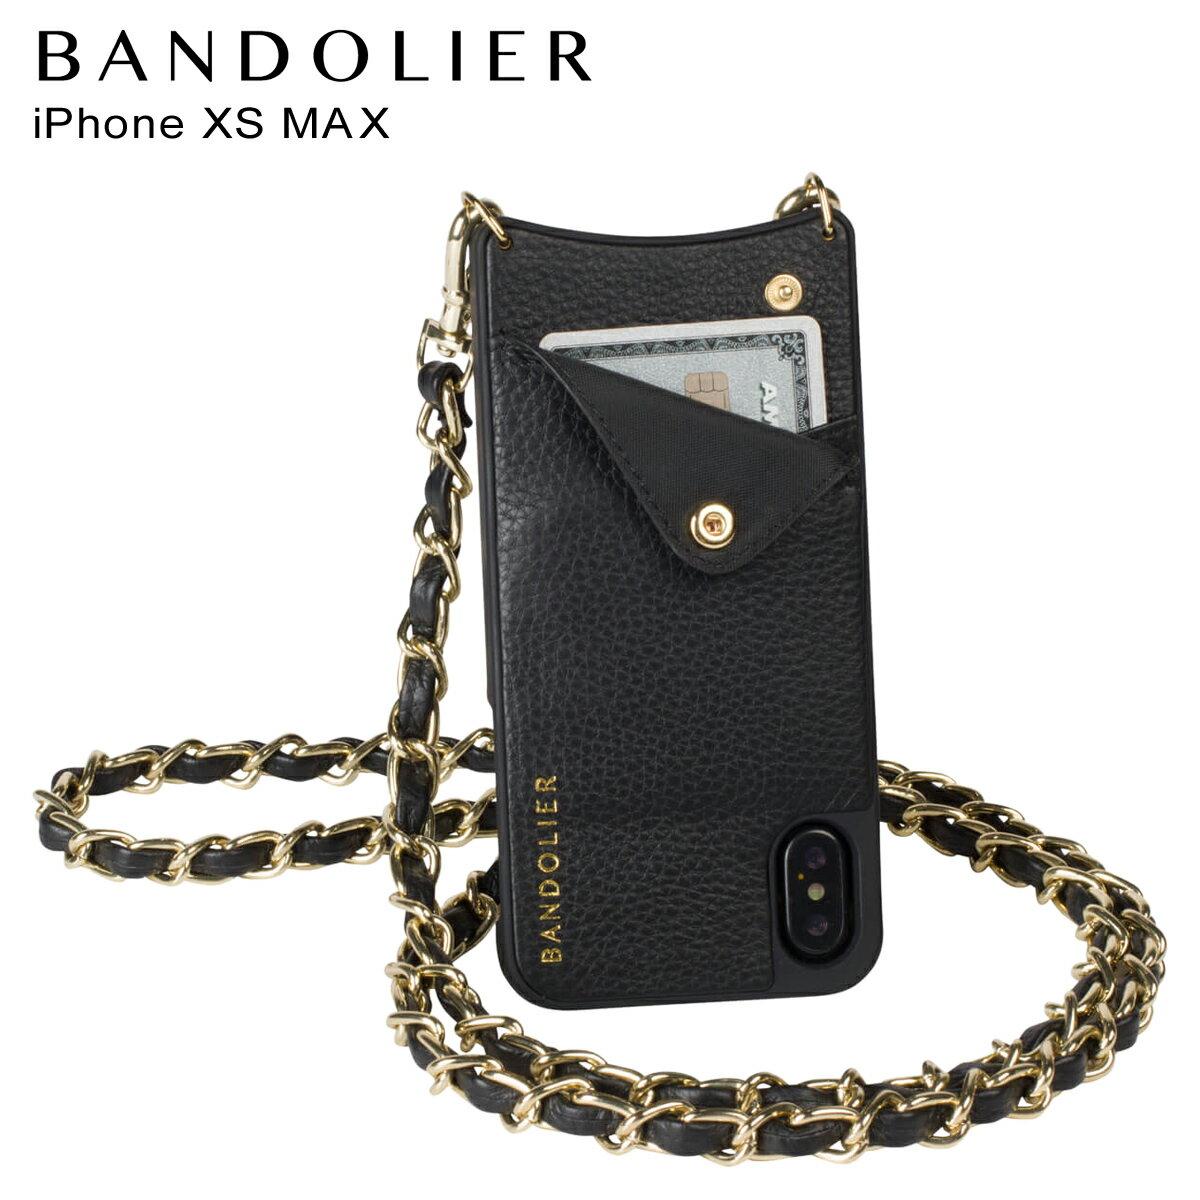 BANDOLIER バンドリヤー iPhone XS MAX ケース ショルダー スマホ アイフォン レザー LUCY GOLD メンズ レディース ブラック 10LCY1001